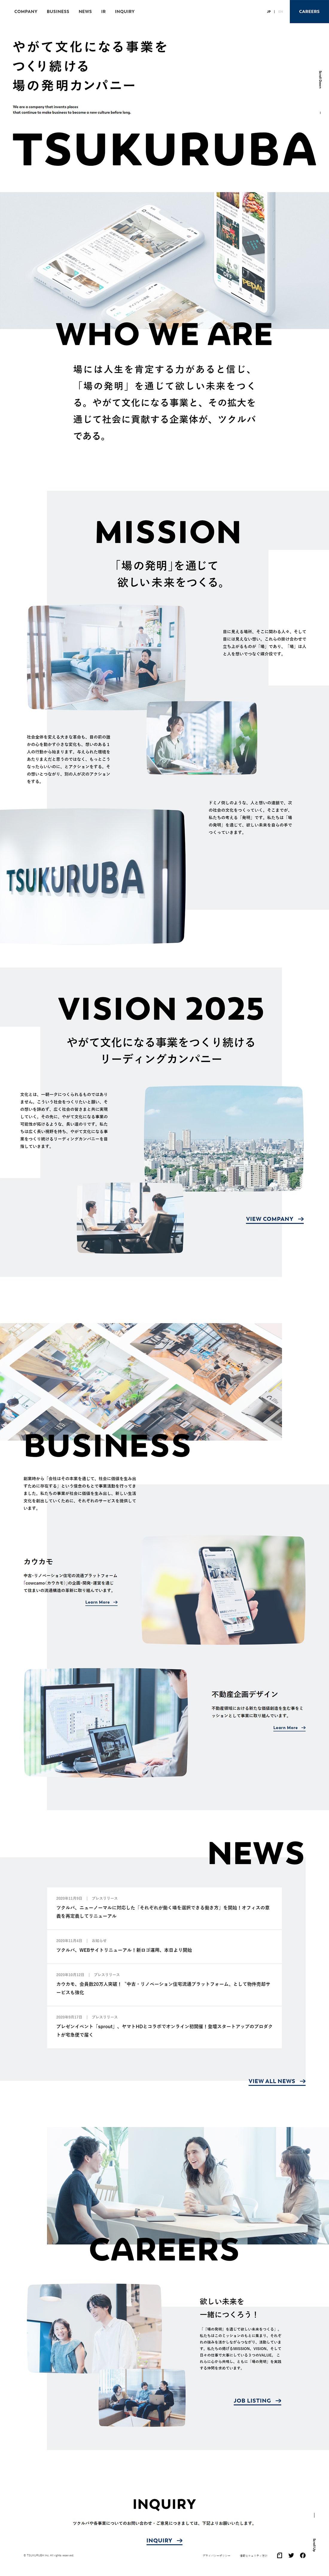 やがて文化になる事業をつくり続ける場の発明カンパニー   TSUKURUBA Inc.